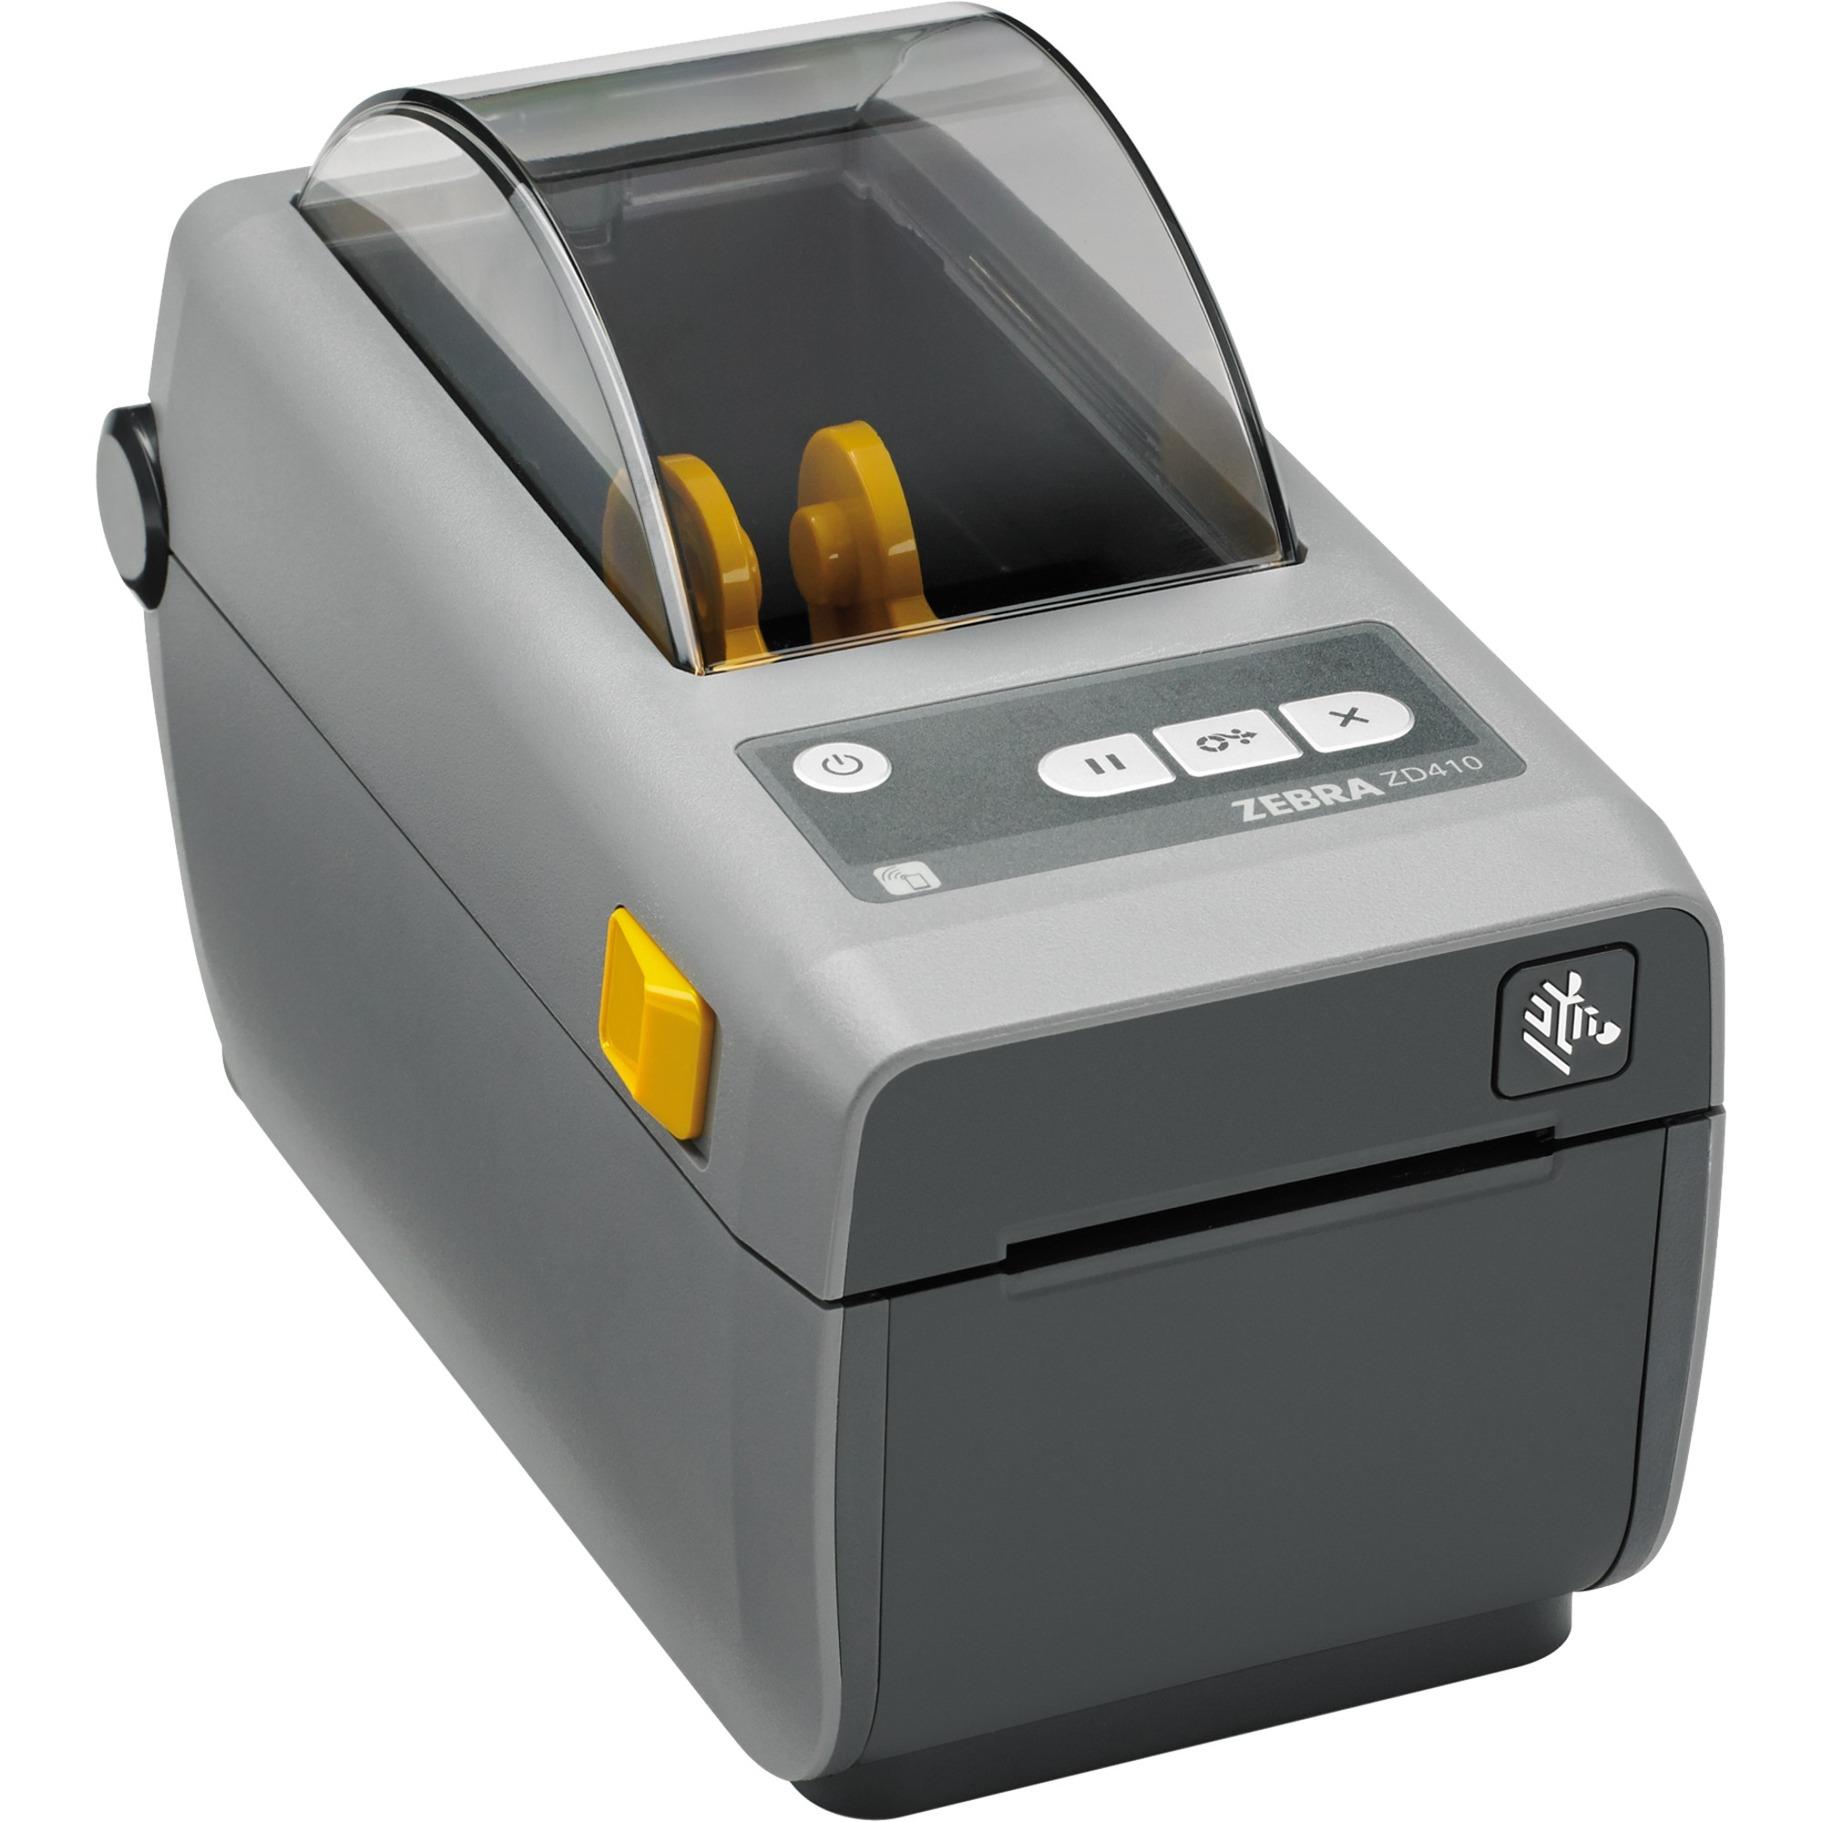 ZD410 impresora de etiquetas Térmica directa 203 x 203 DPI, Impresora de tickets